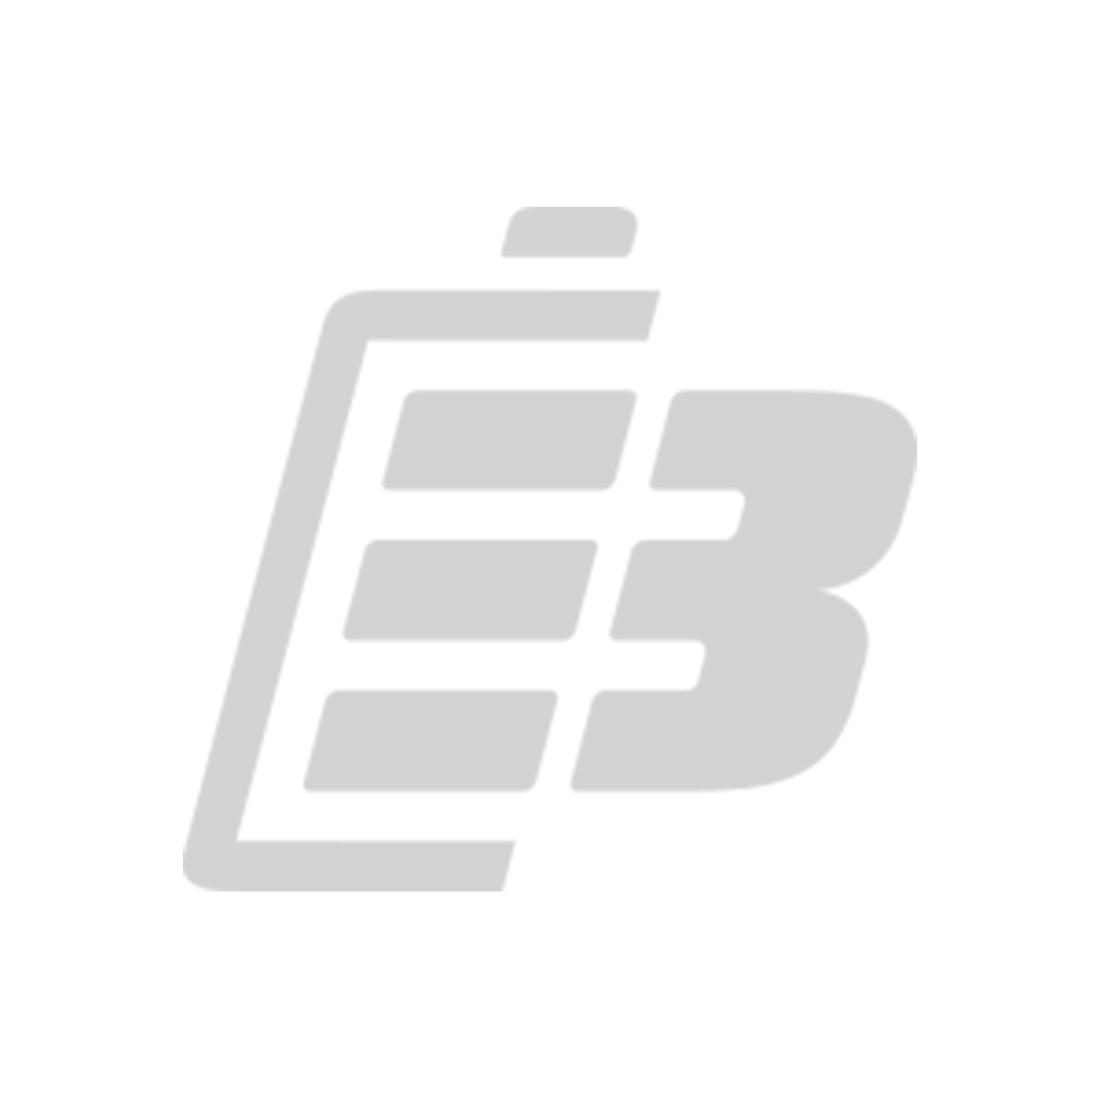 Μπαταρία ασύρματου τηλεφώνου Alcatel Mobile 400_1